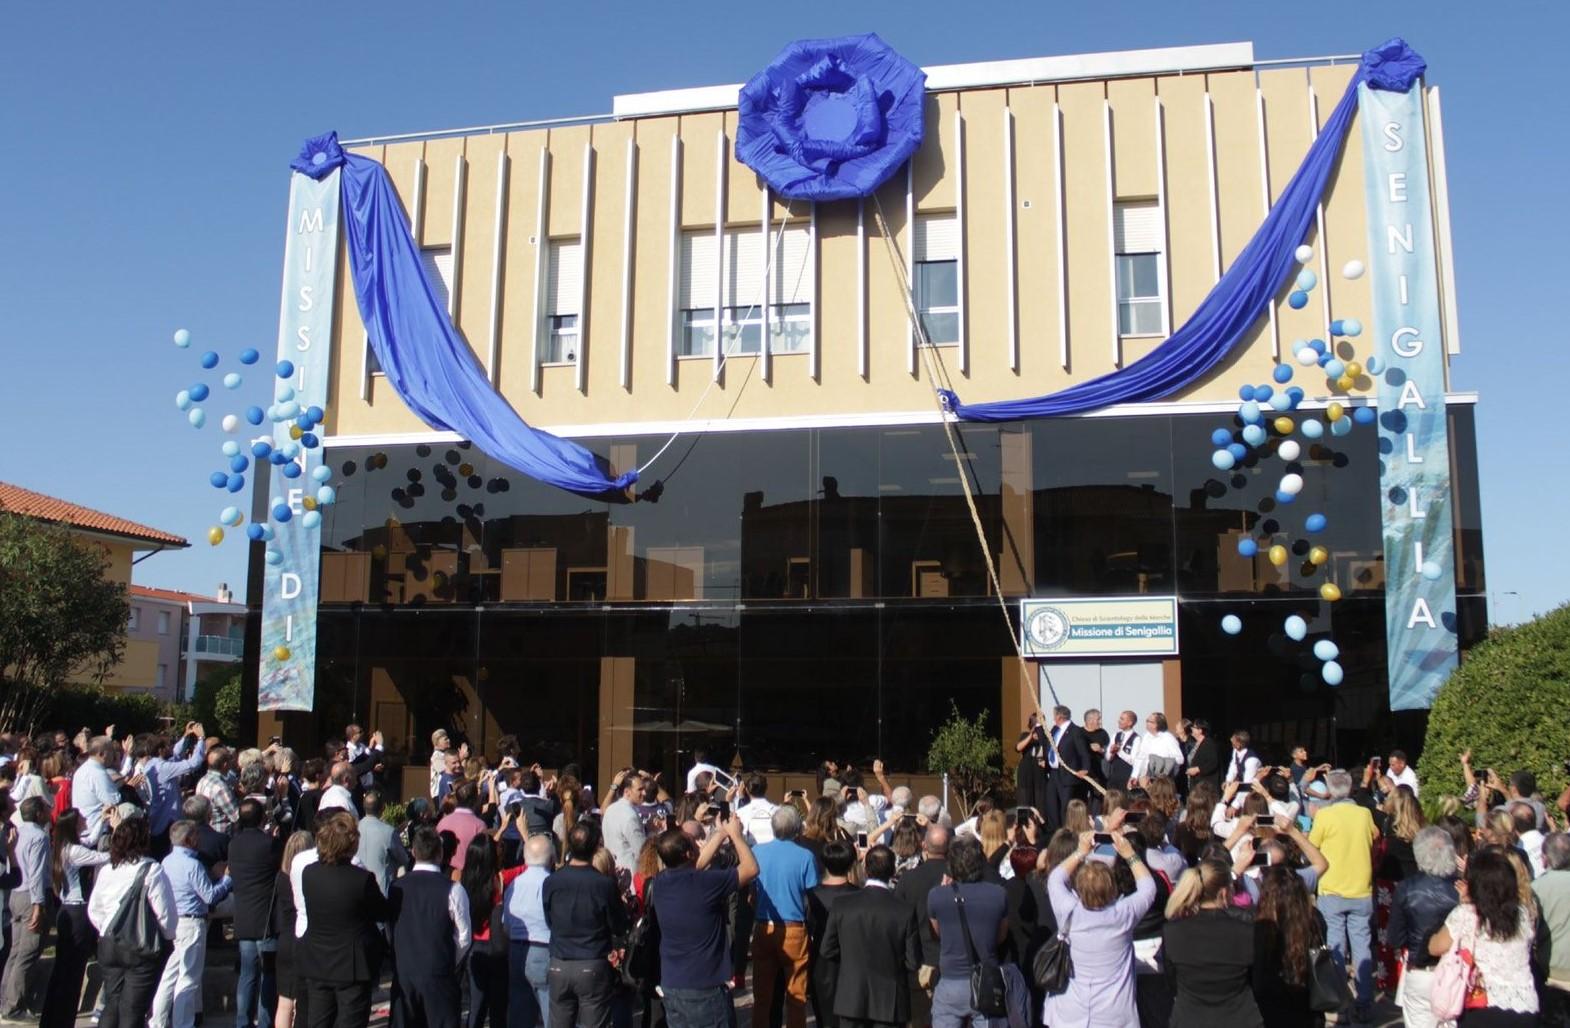 Italie : Inauguration de la nouvelle Mission de Scientologie de Senigallia